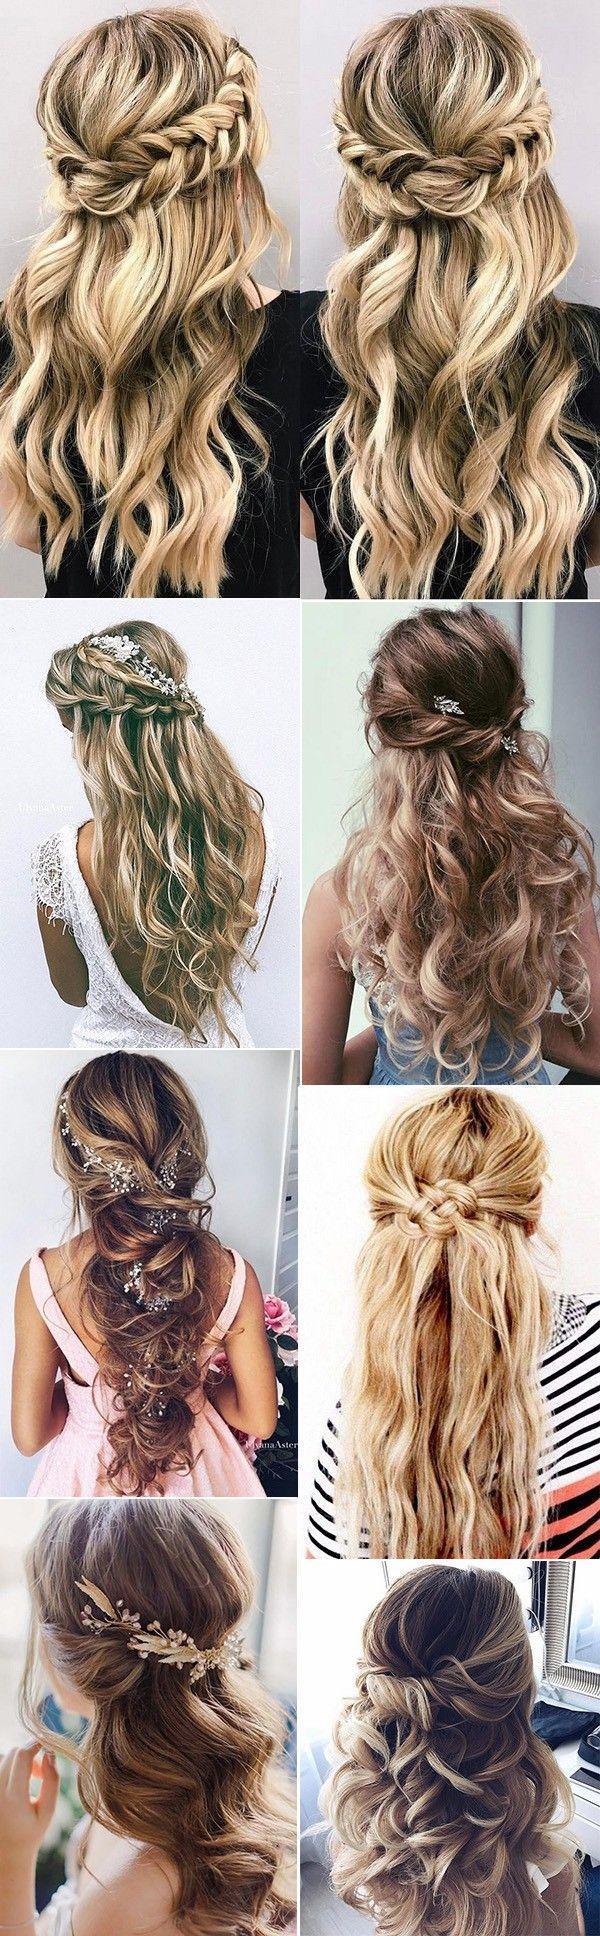 15 Chic Half Up Half Down Hochzeit Frisuren für langes Haar